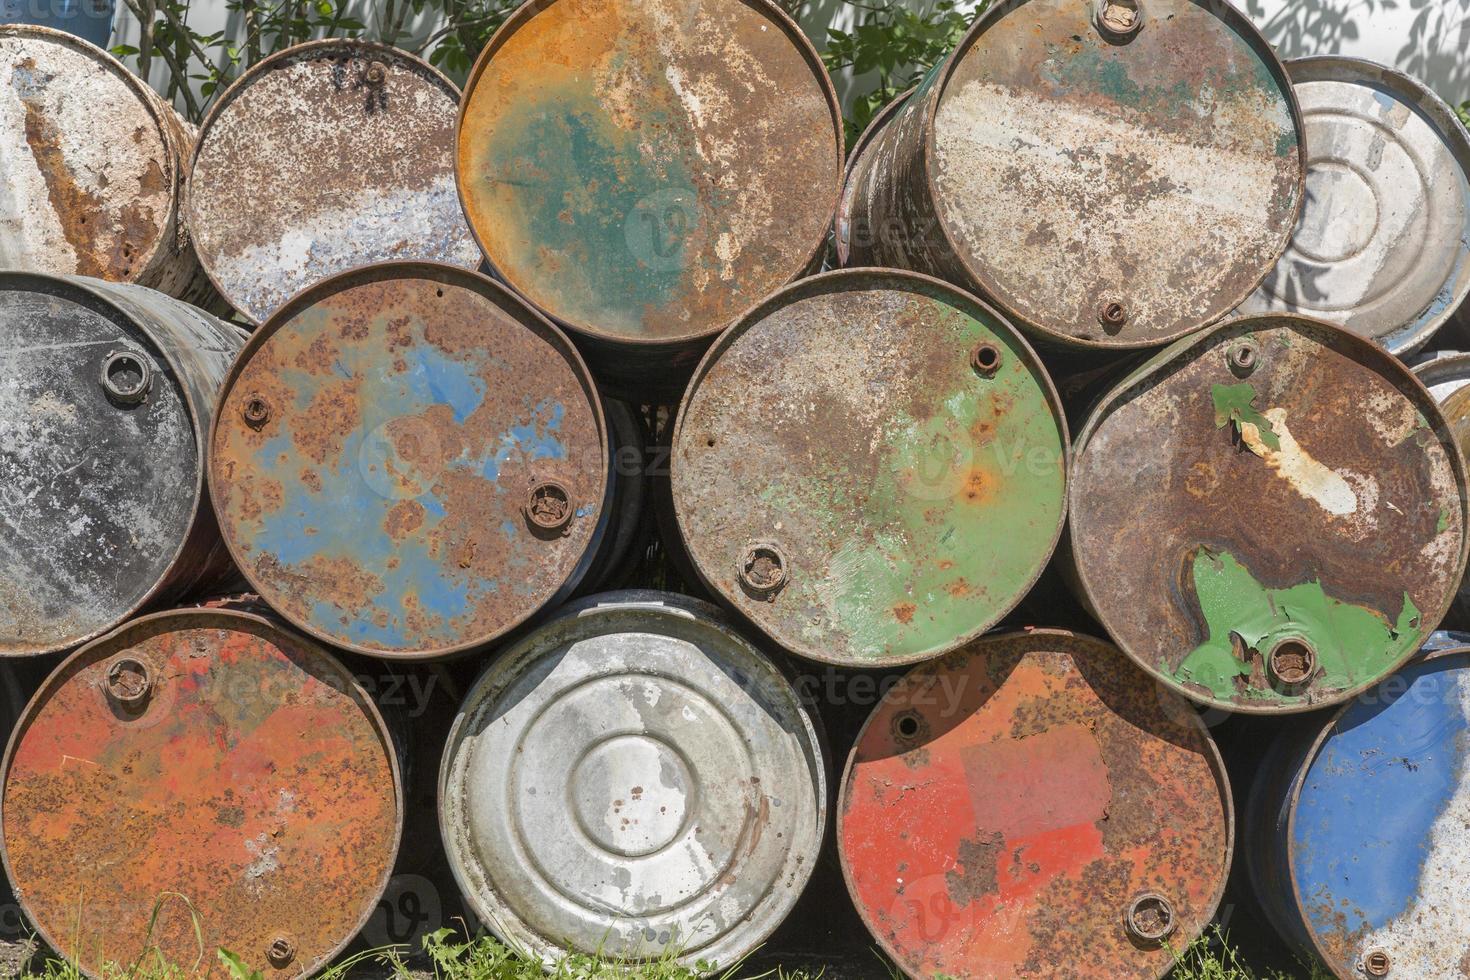 leere Ölfässer, rostig und verwittert foto